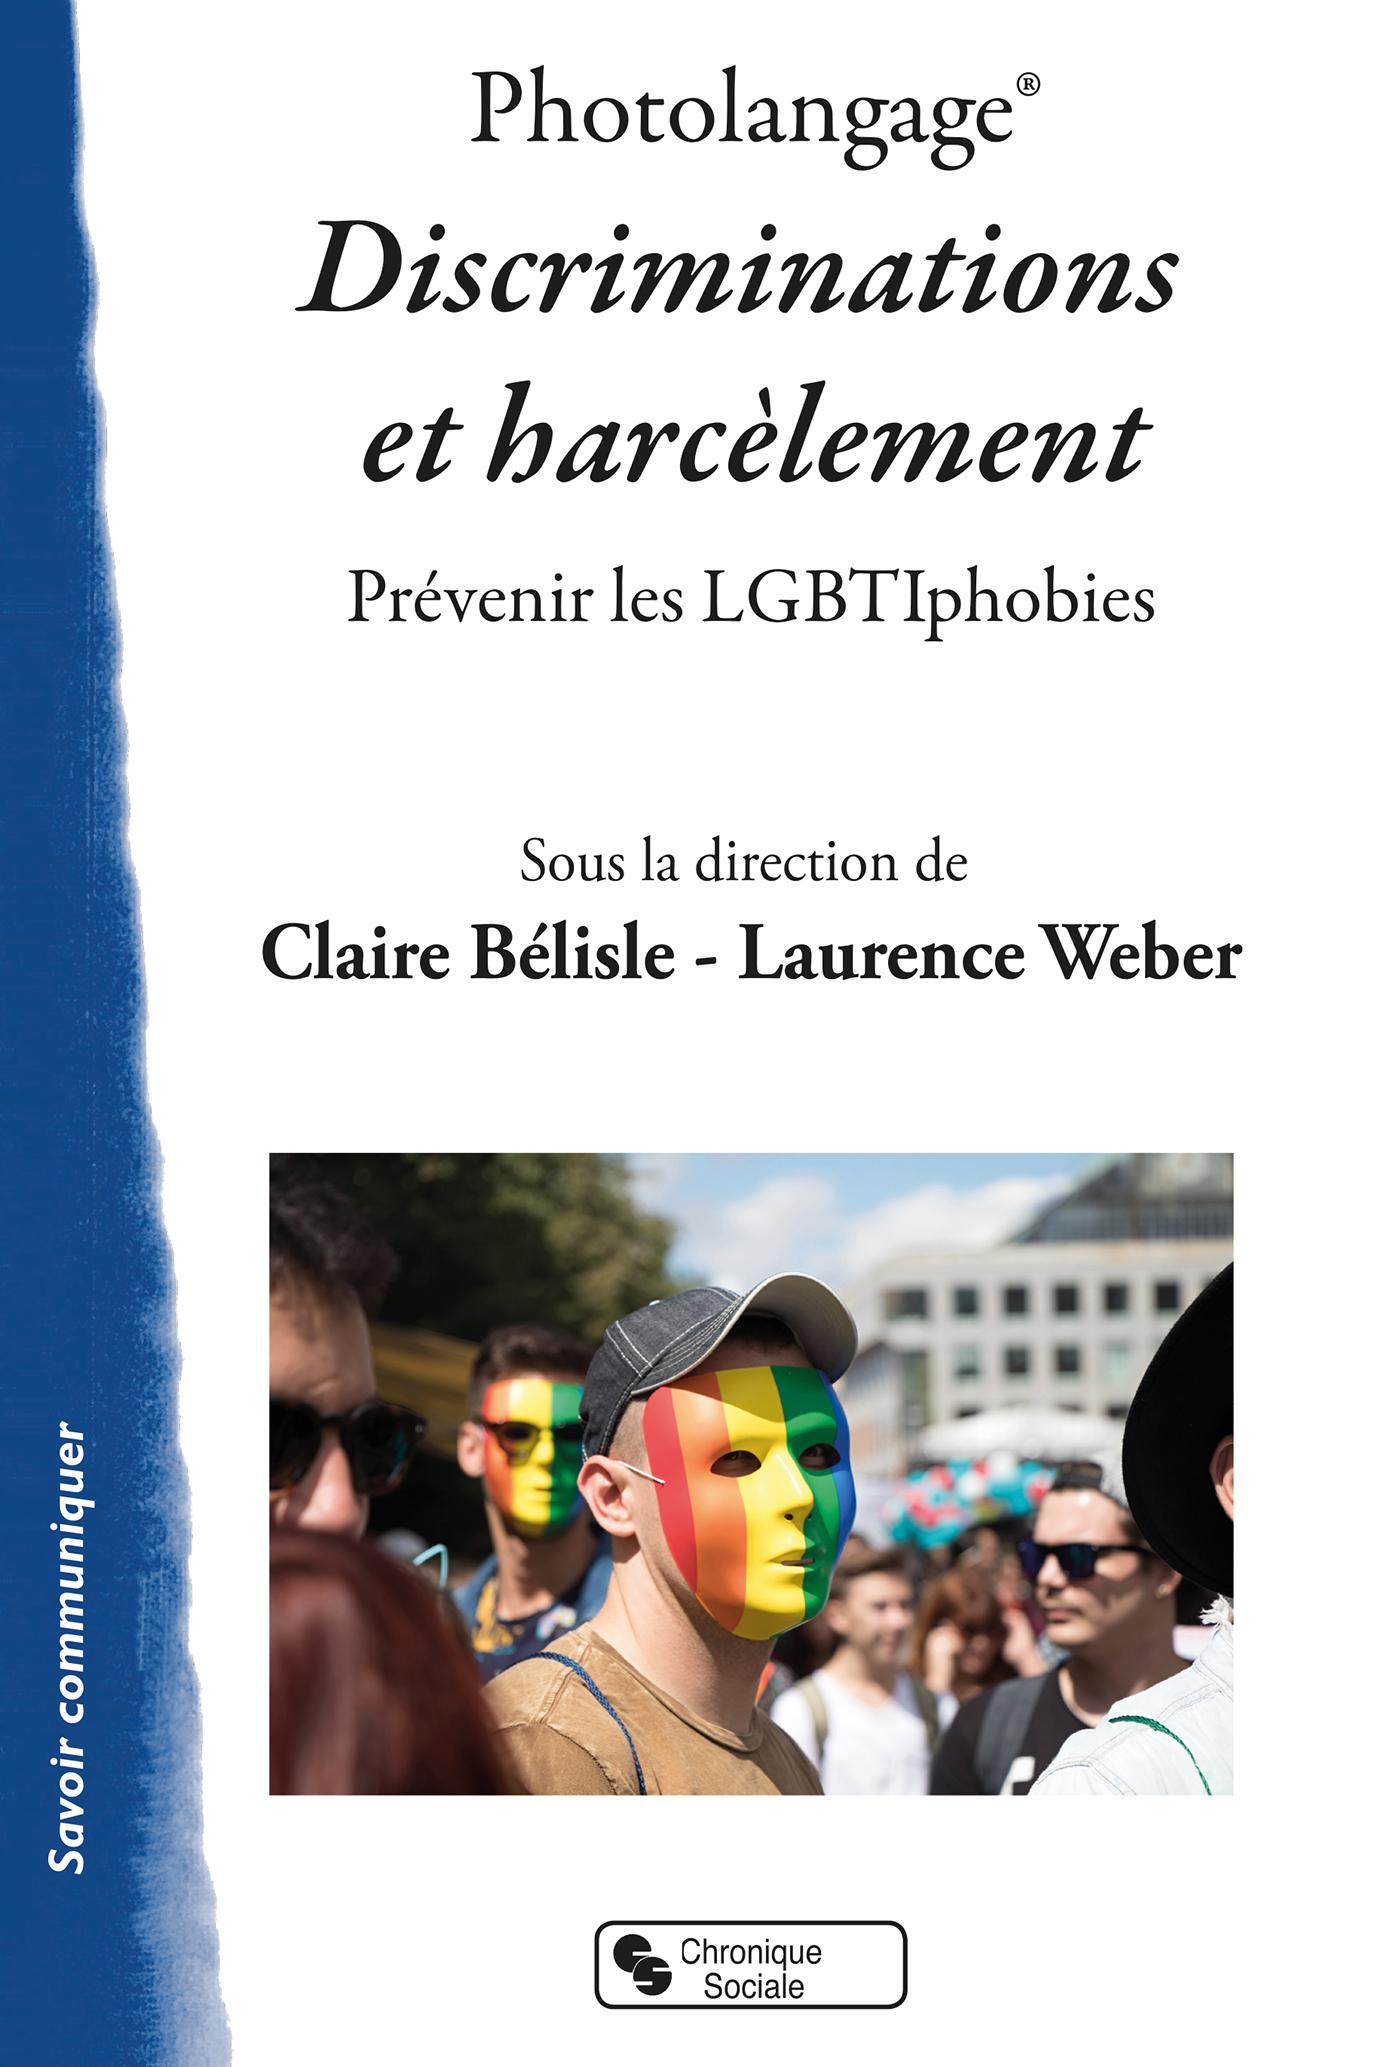 PHOTOLANGAGE  DISCRIMINATIONS ET HARCELEMENT - PREVENIR LES LGBTIPHOBIES